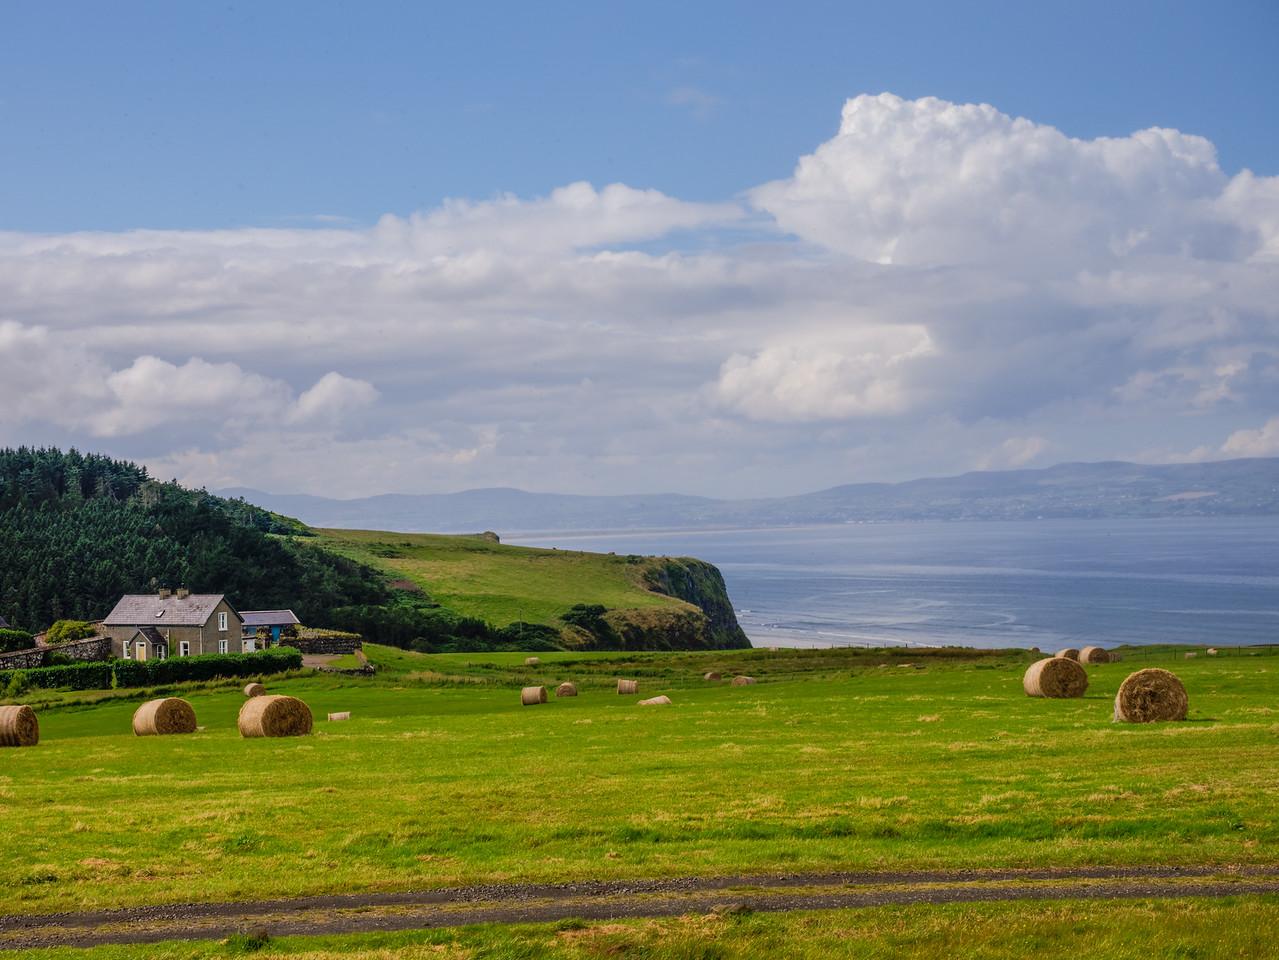 Downhill Desmense - Northern Ireland